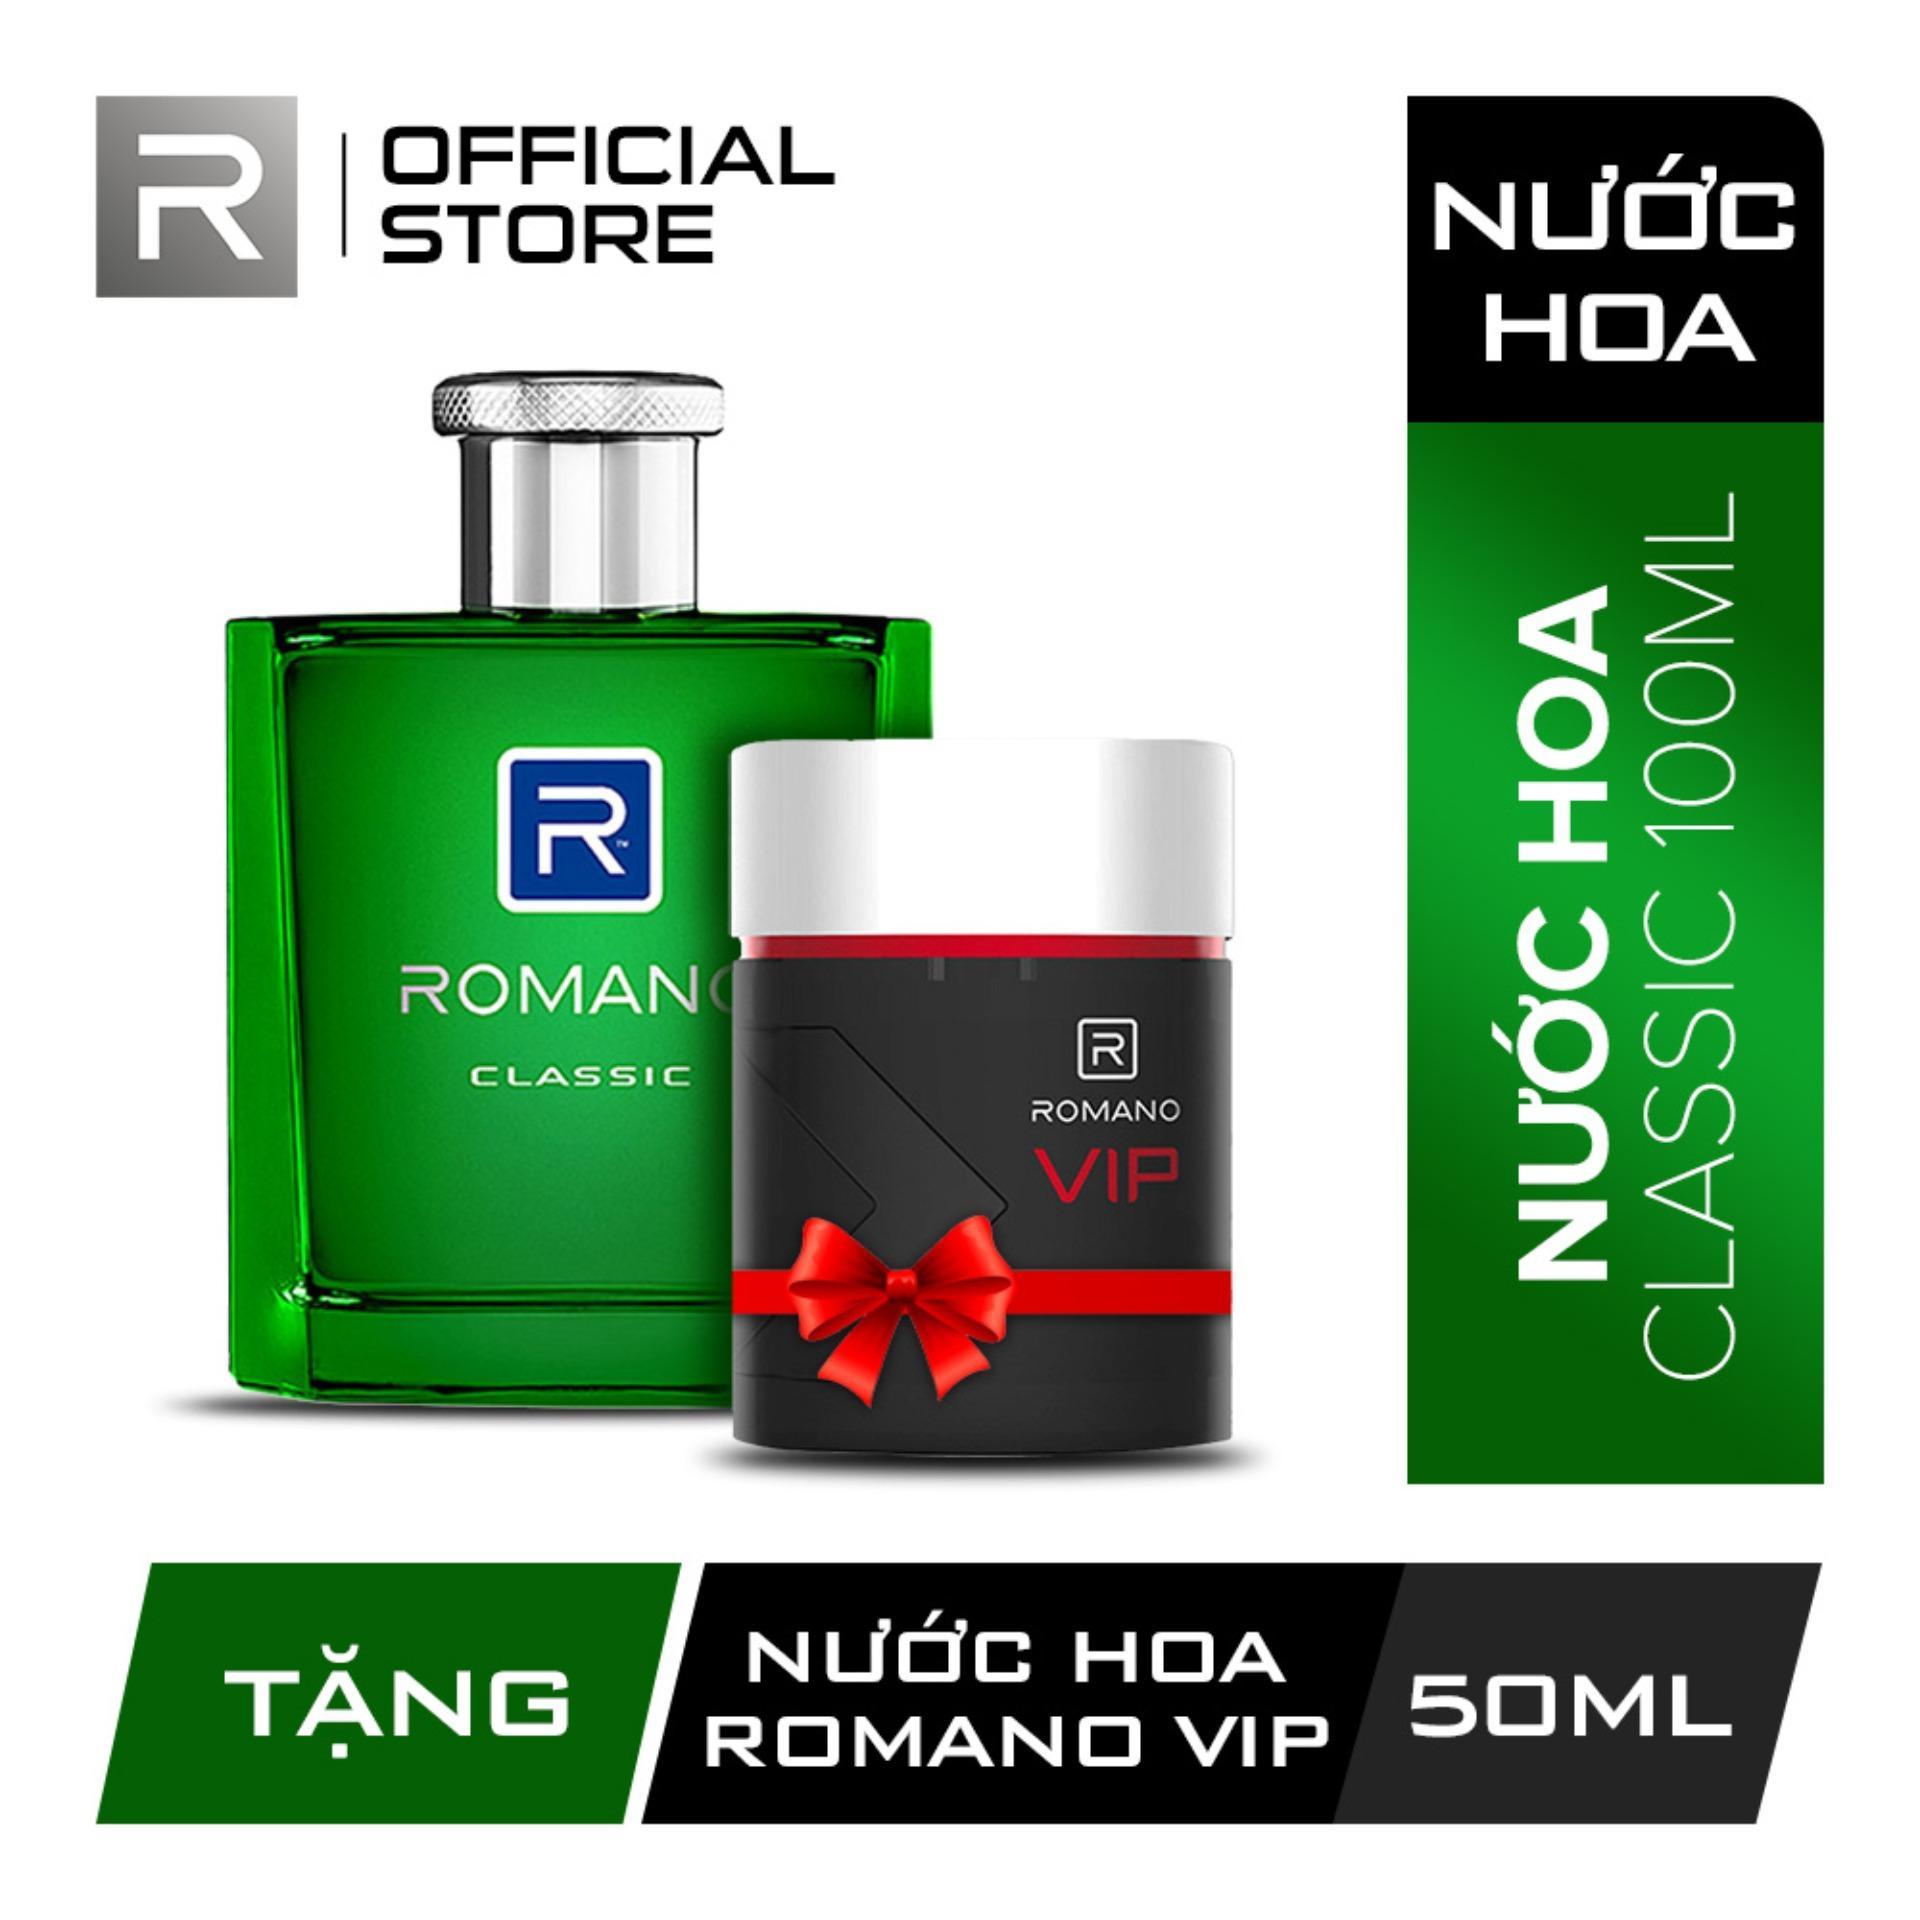 [Tặng Nước hoa Romano Vip 50ml] Nước hoa cao cấp Romano Classic 100ml